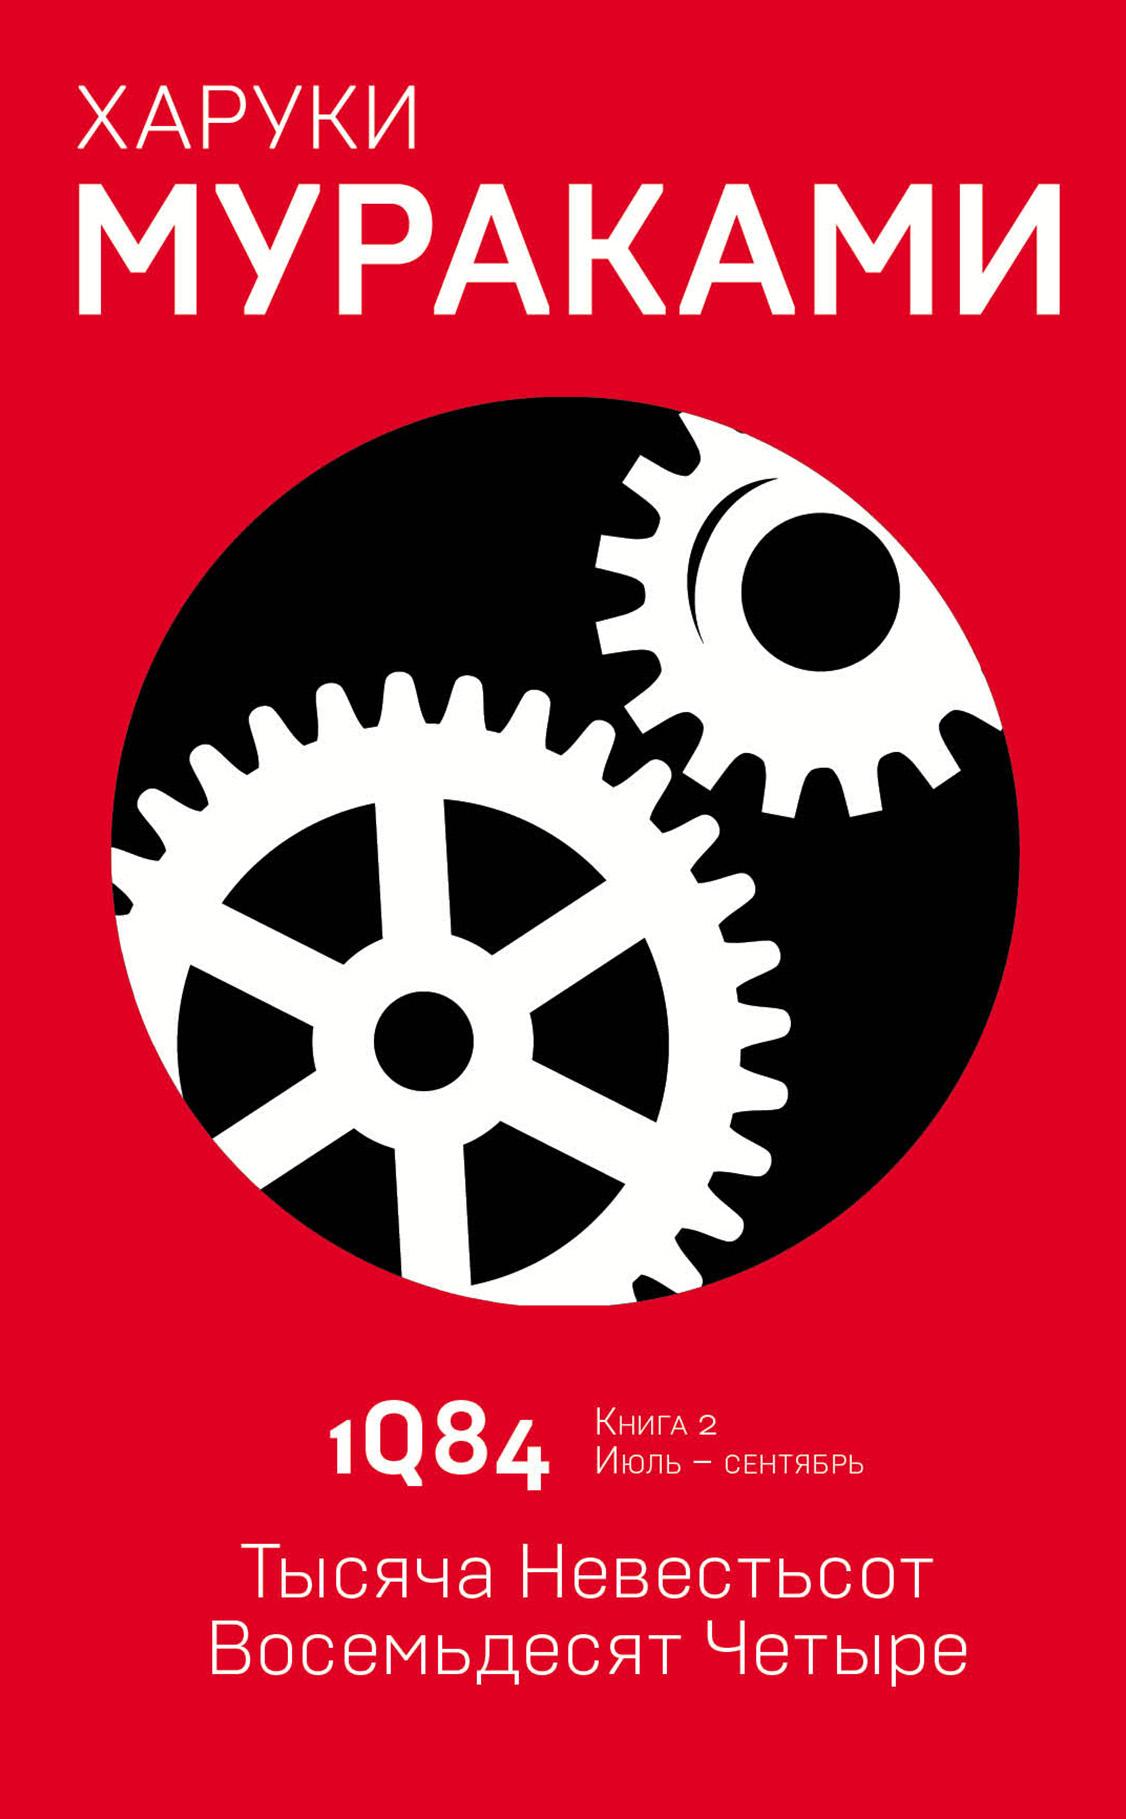 Харуки Мураками «1Q84. Тысяча Невестьсот Восемьдесят Четыре. Книга 2. Июль–сентябрь»